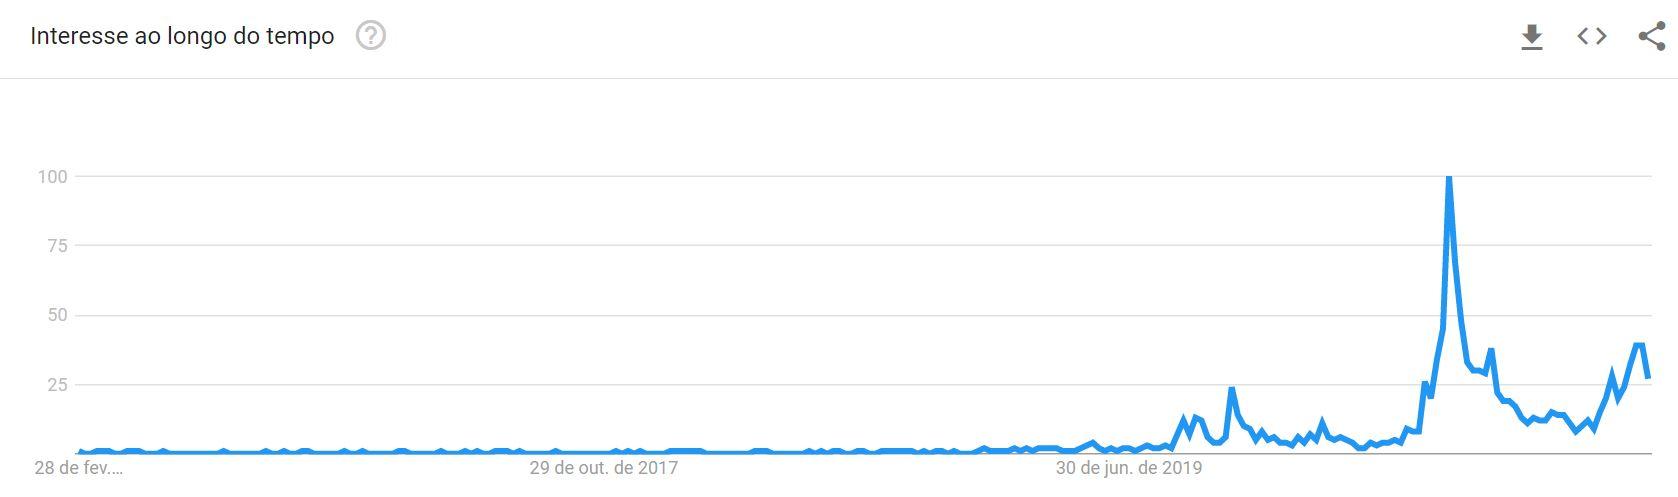 google-cultura-cancelamento